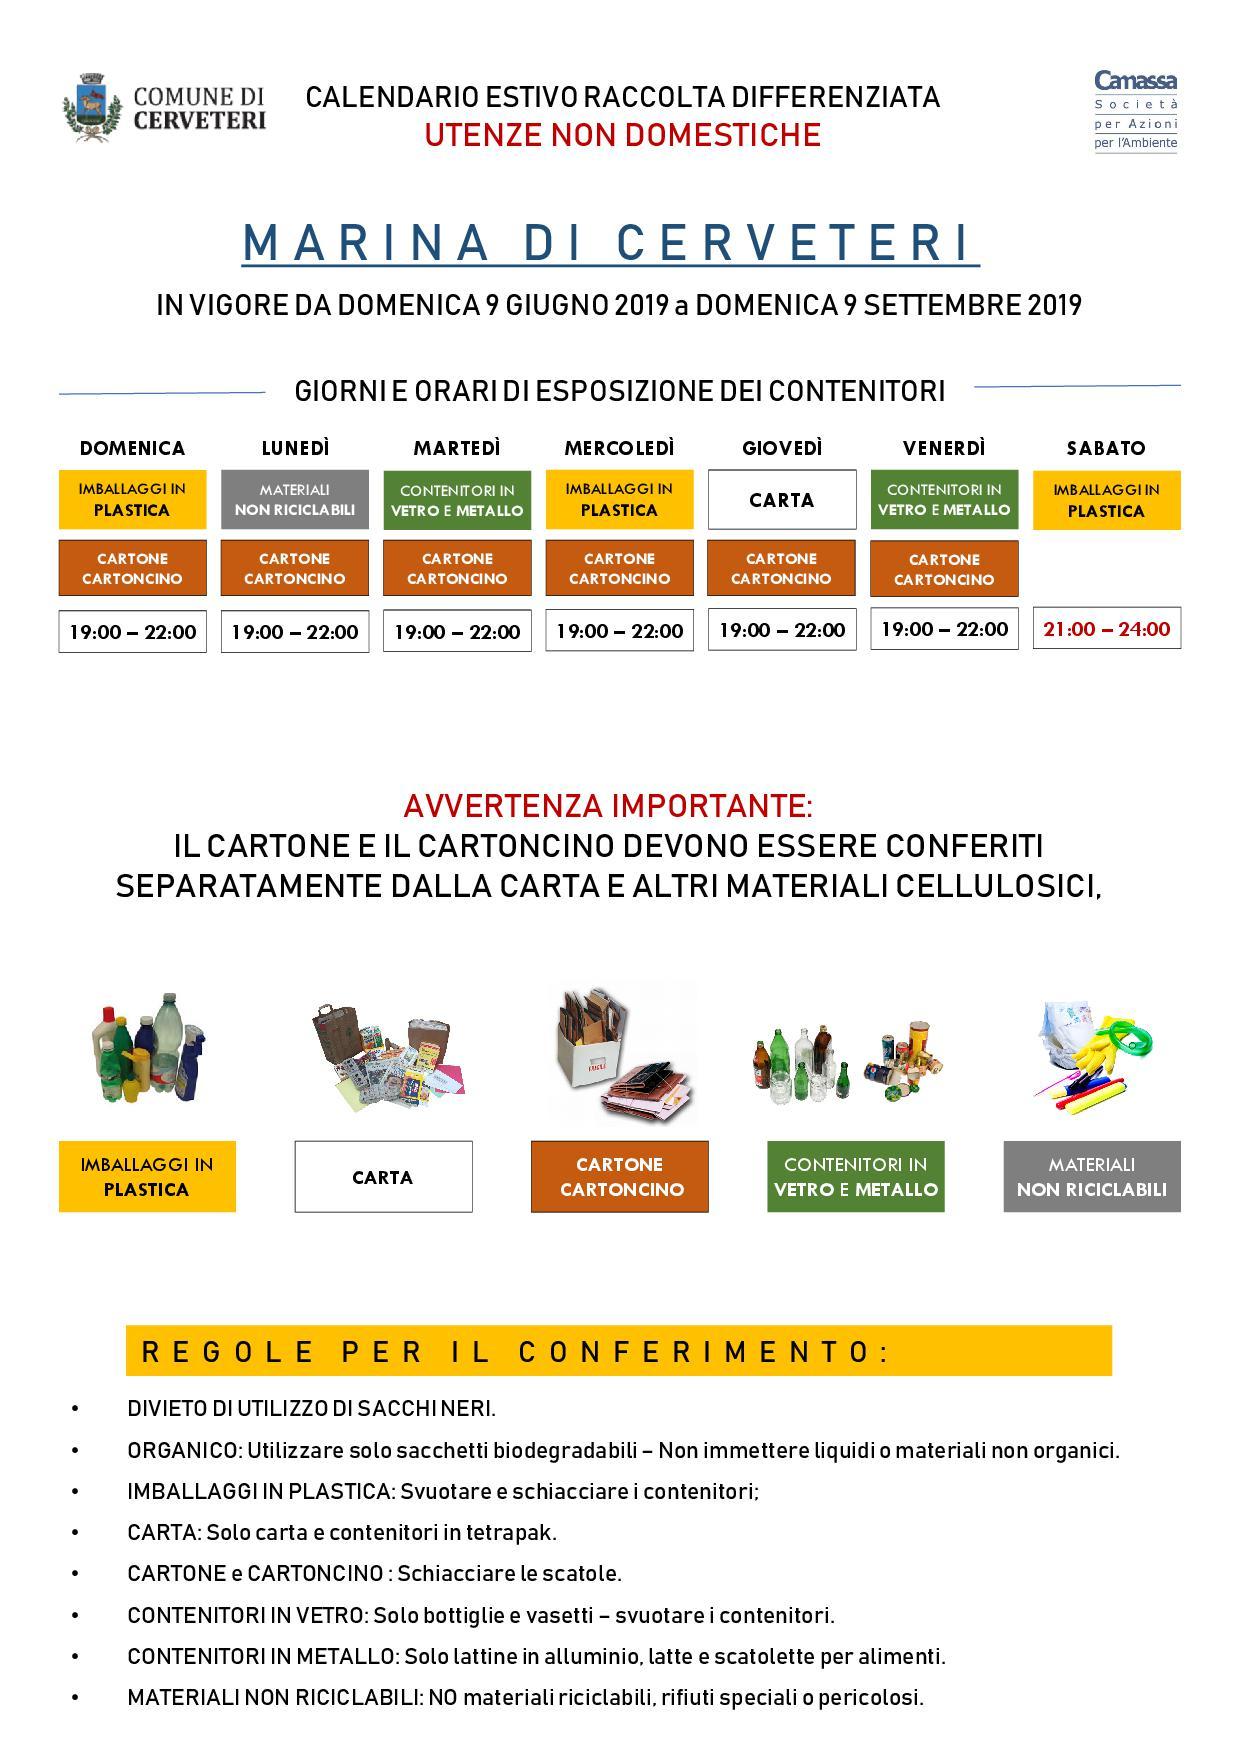 Calendario Raccolta Differenziata Sanremo.A Cerveteri Al Via La Raccolta Separata Di Carta E Cartone